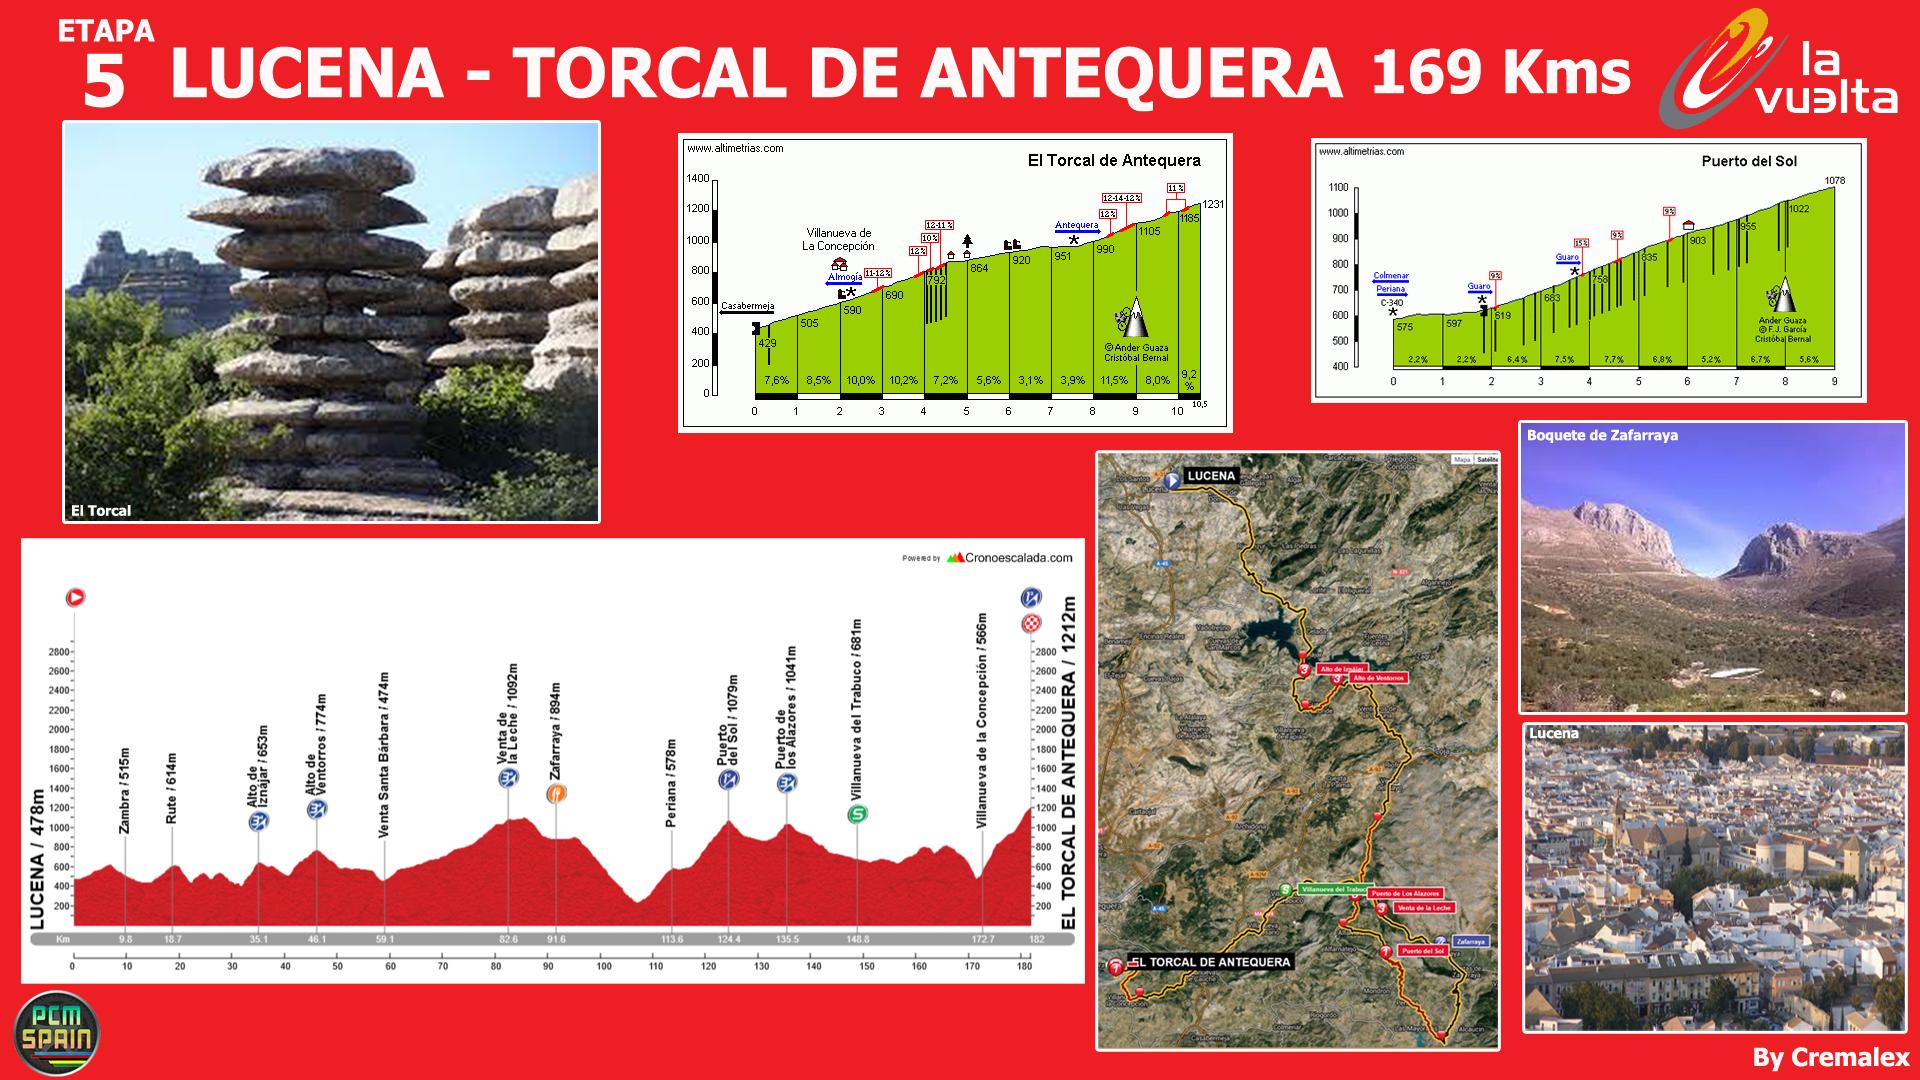 Concurso Vuelta a España 2015 - Página 6 530970Etapas05